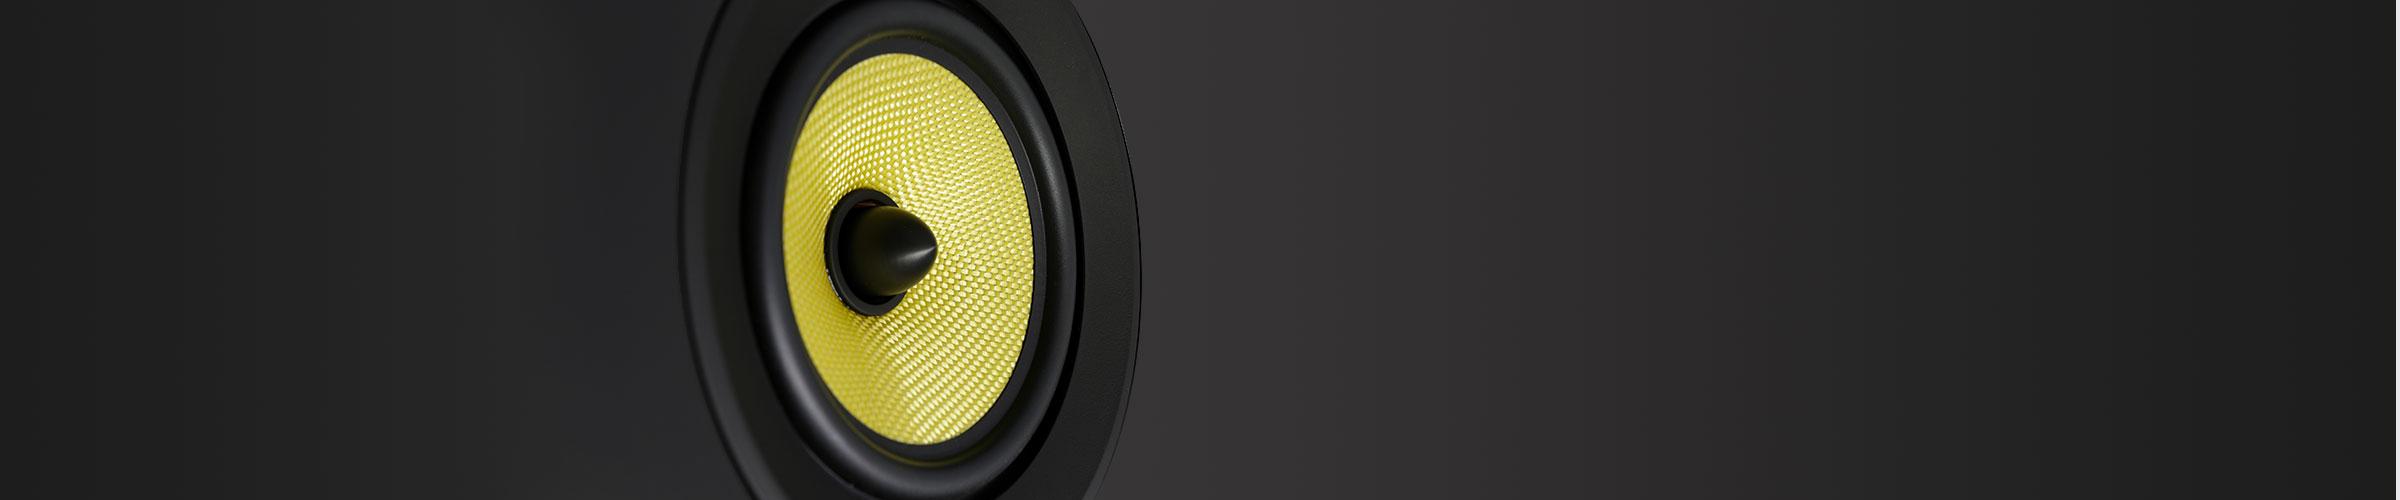 HFC Warm Midrange for Enhanced Soundstage